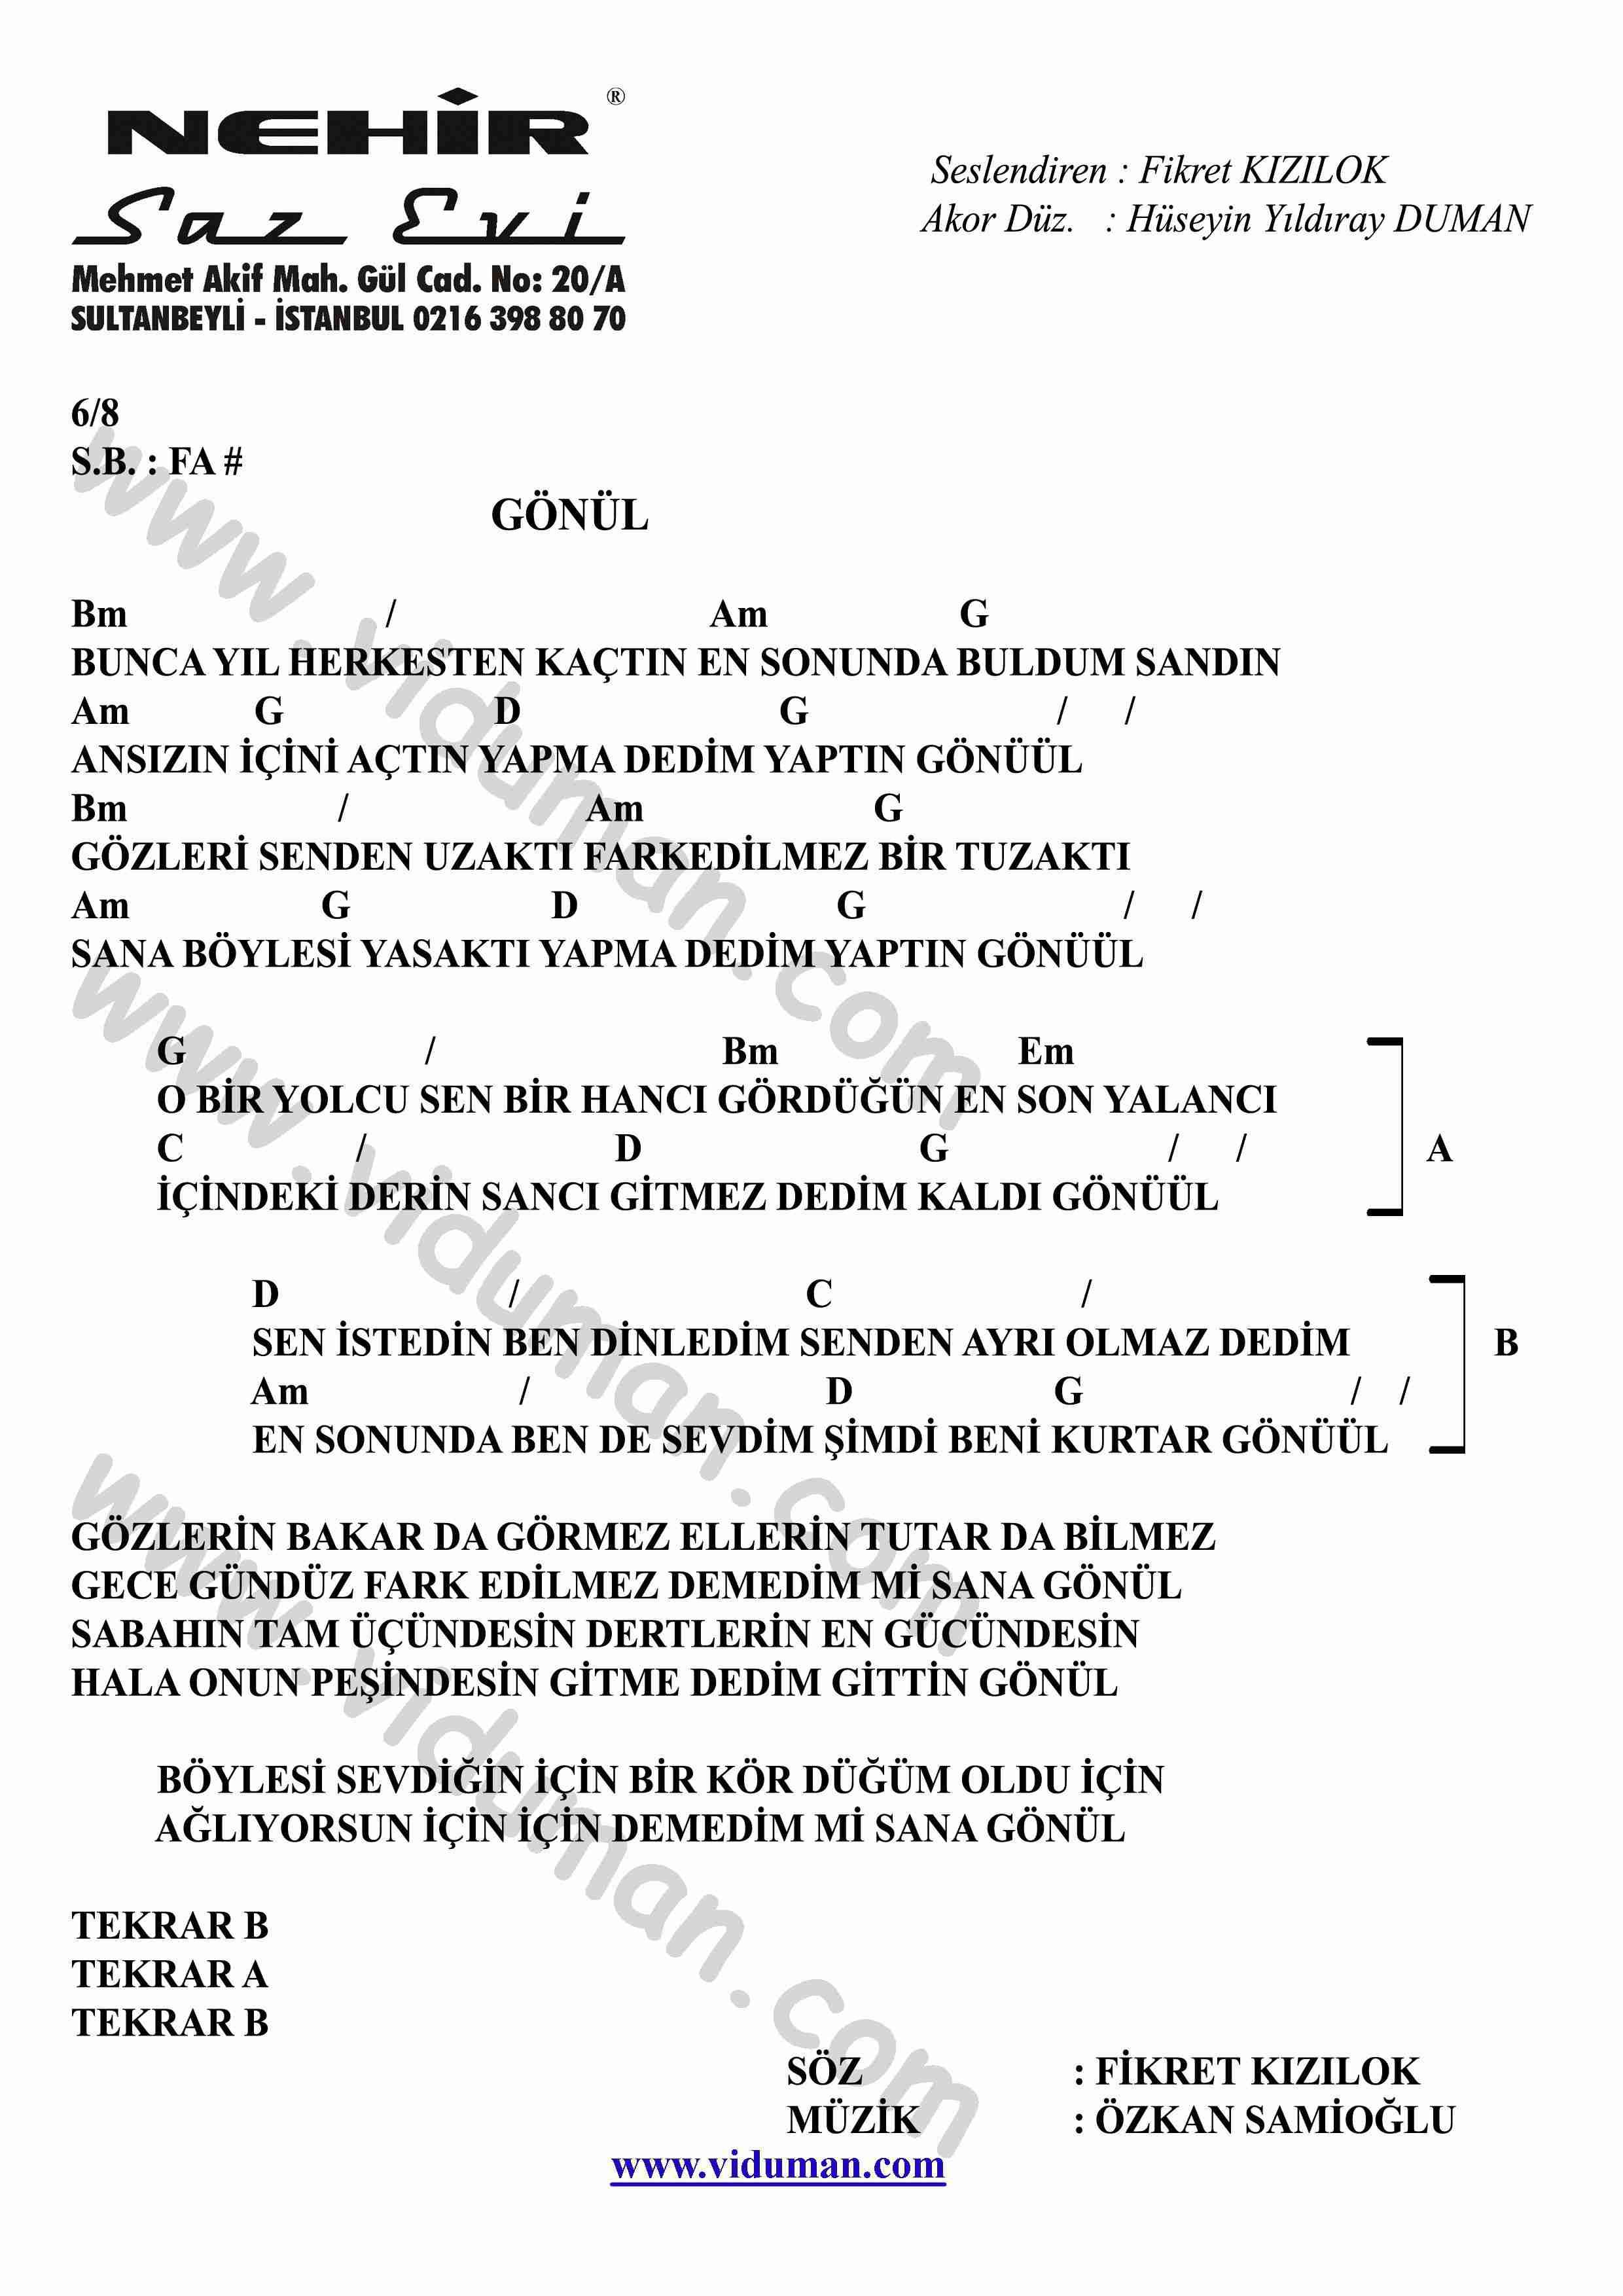 Gonul (F.Kizilok)